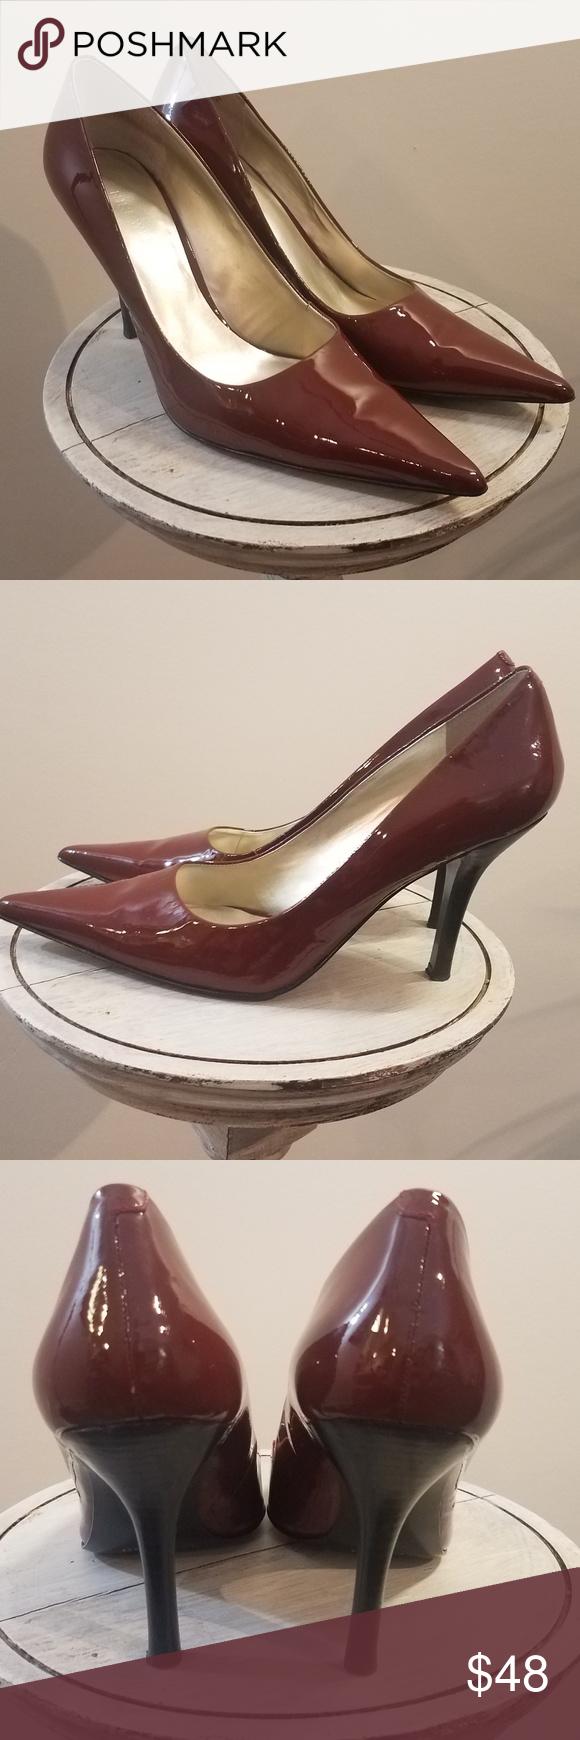 NINE WEST Freda Heels Pumps Leather Women s 9M Great pair of gently used NINE  WEST Freda 90aebcc1b